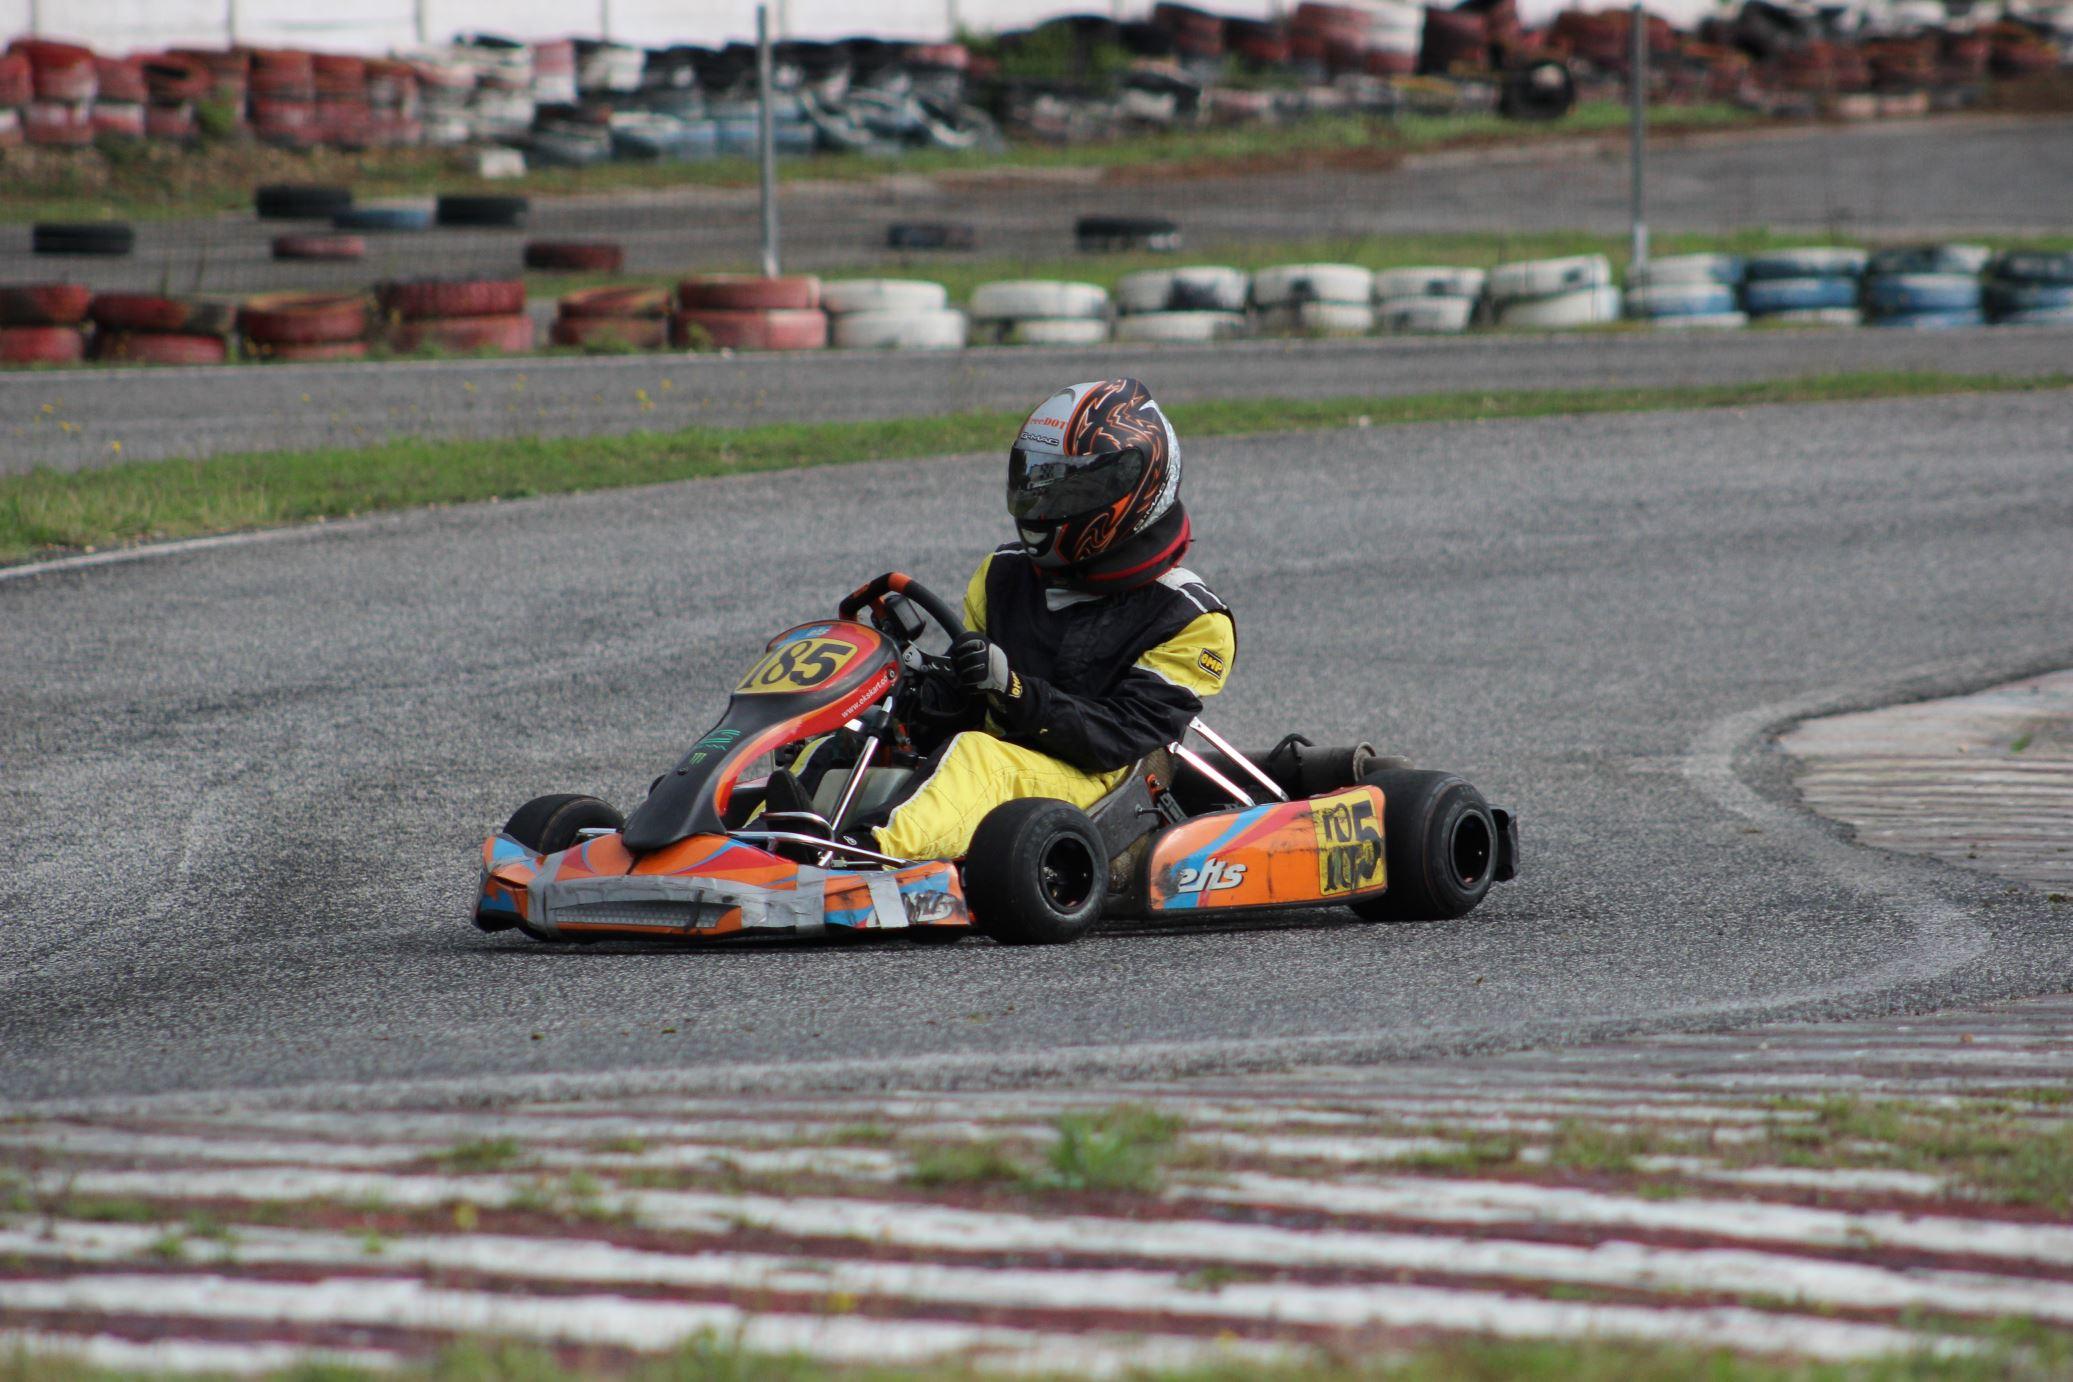 Troféu Honda 2014 - 5ª Prova160